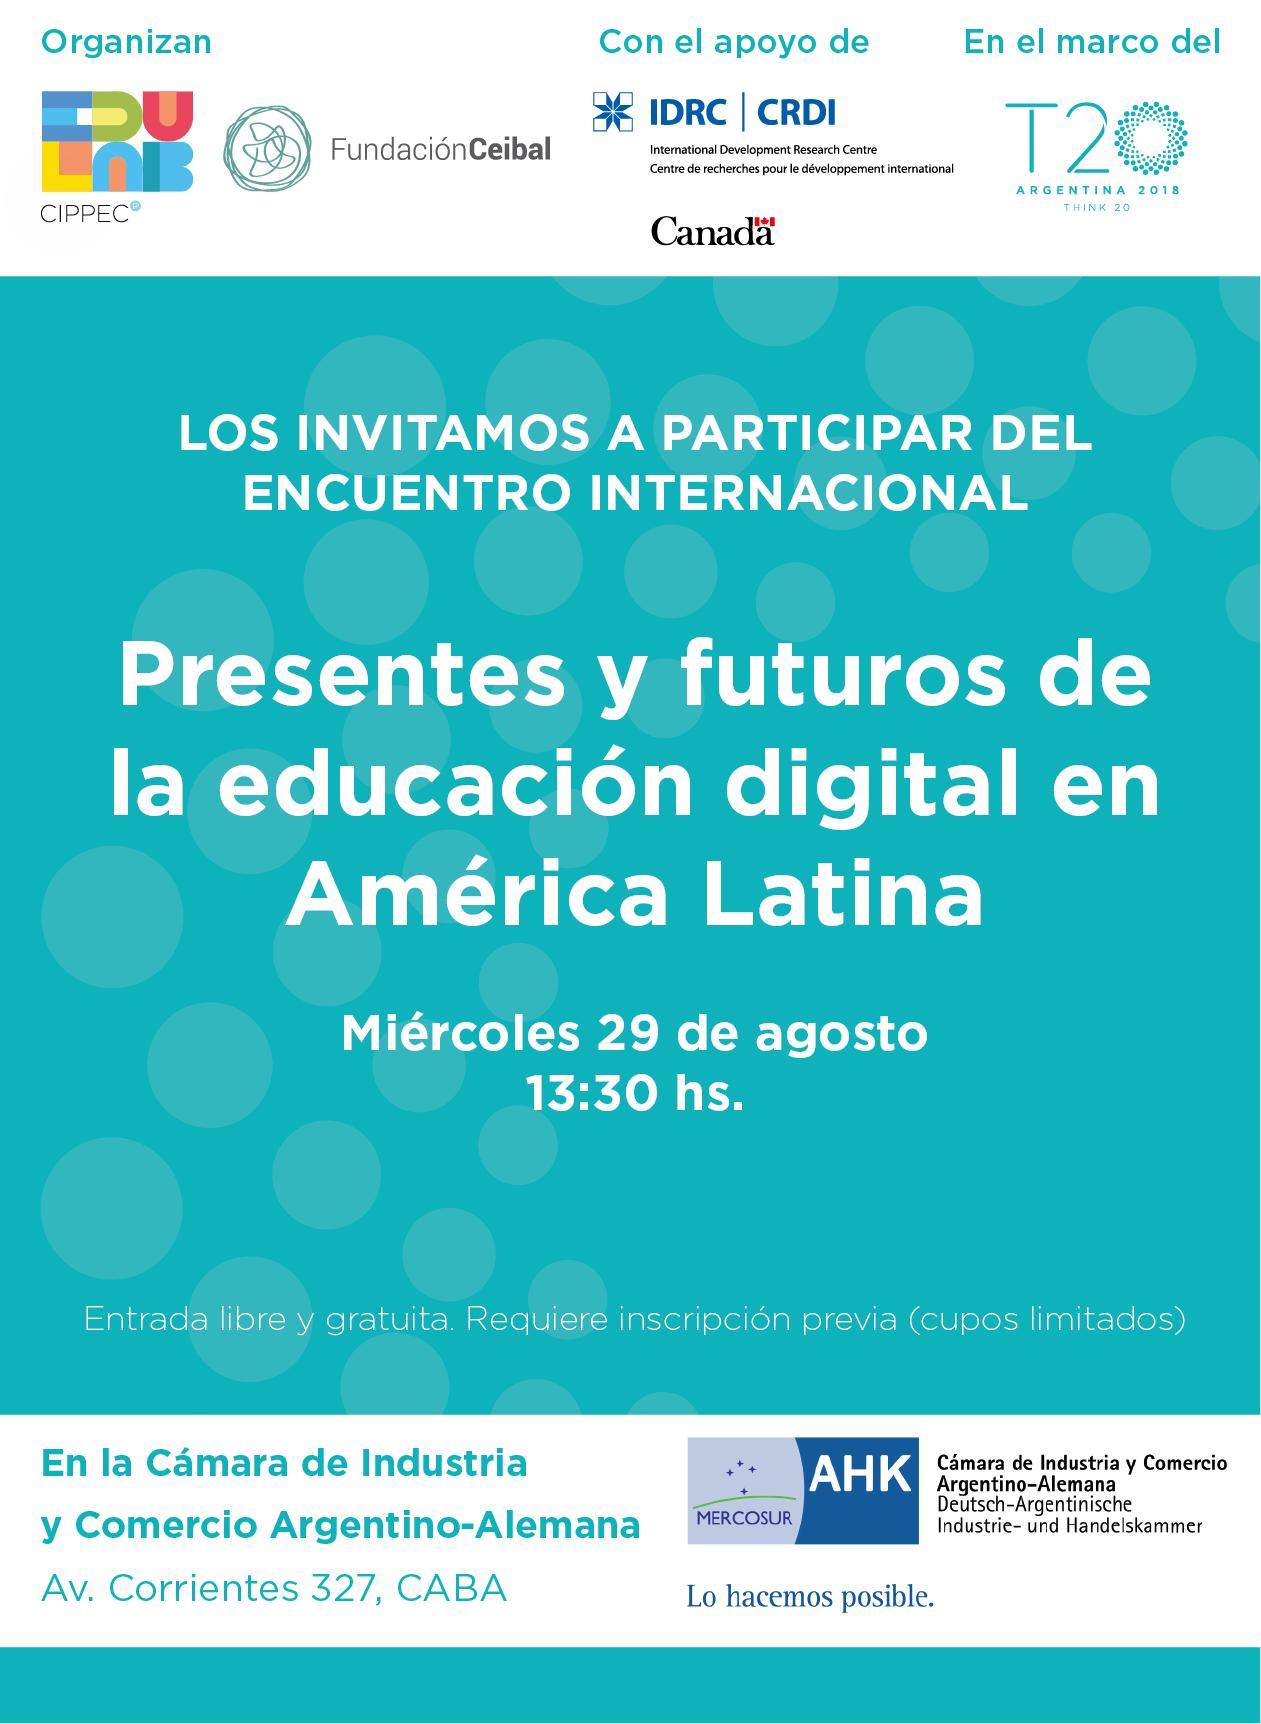 """Flyer invitación al encuentro abierto internacional """"Presentes y futuros de la educación digital en América Latina"""""""